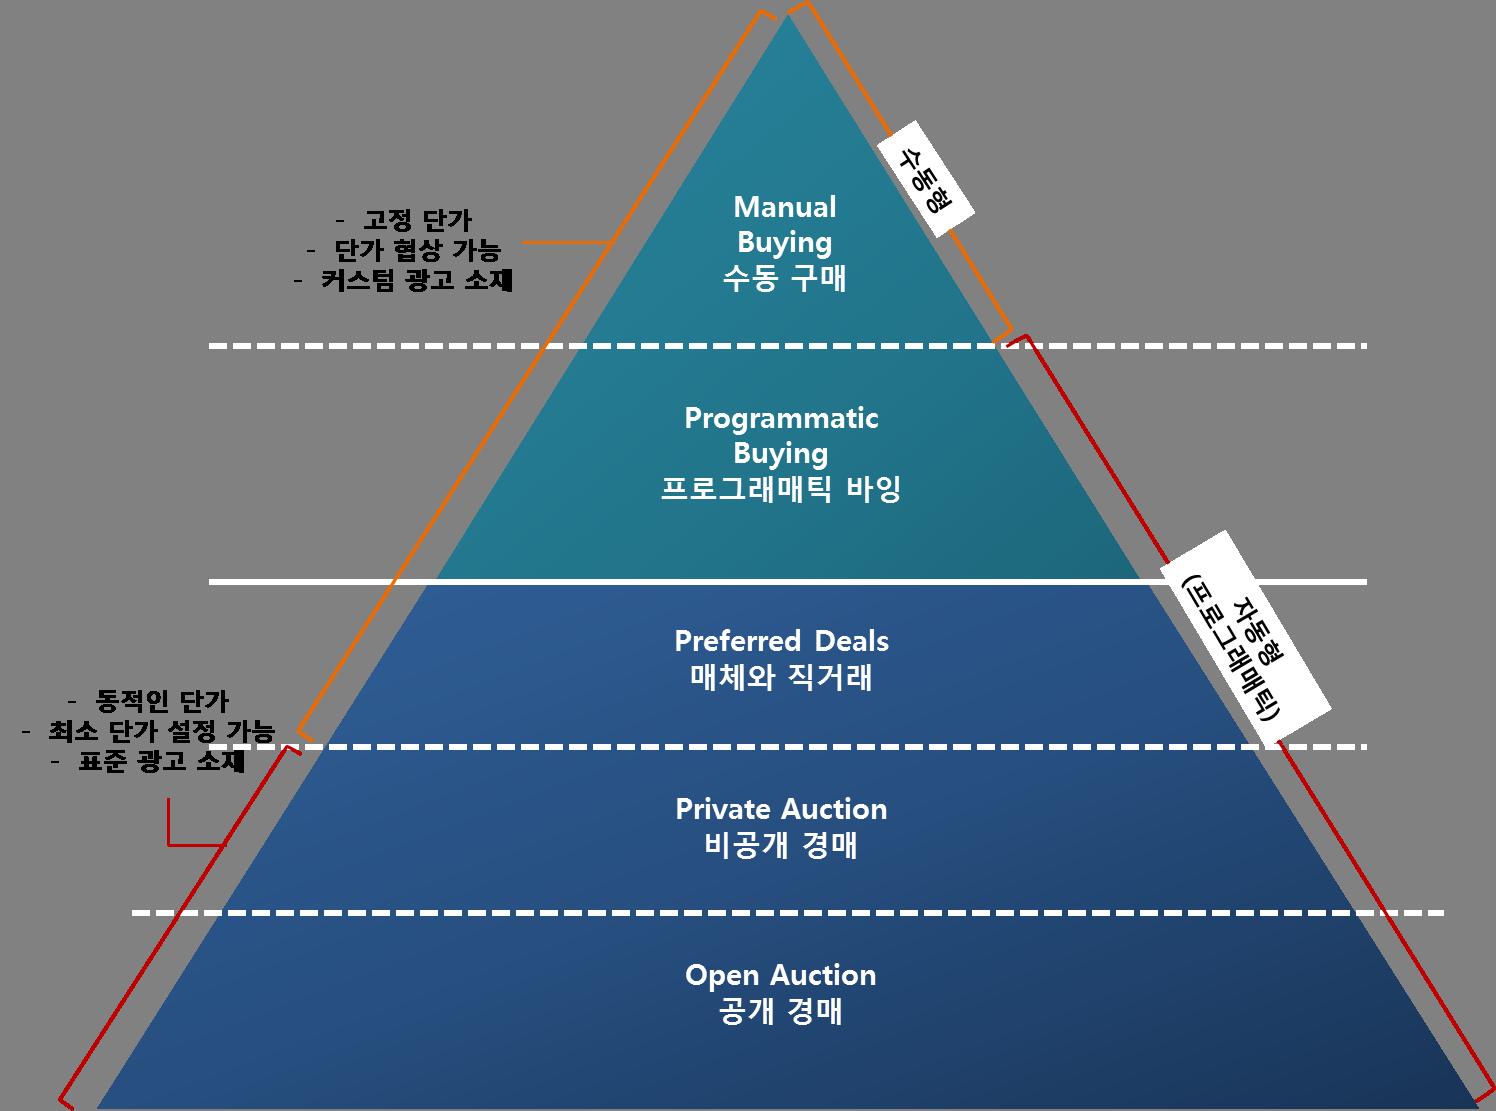 출처) Centro(2015.06), Programmatic vs. RTB : A Common Misconception in Ad Tech